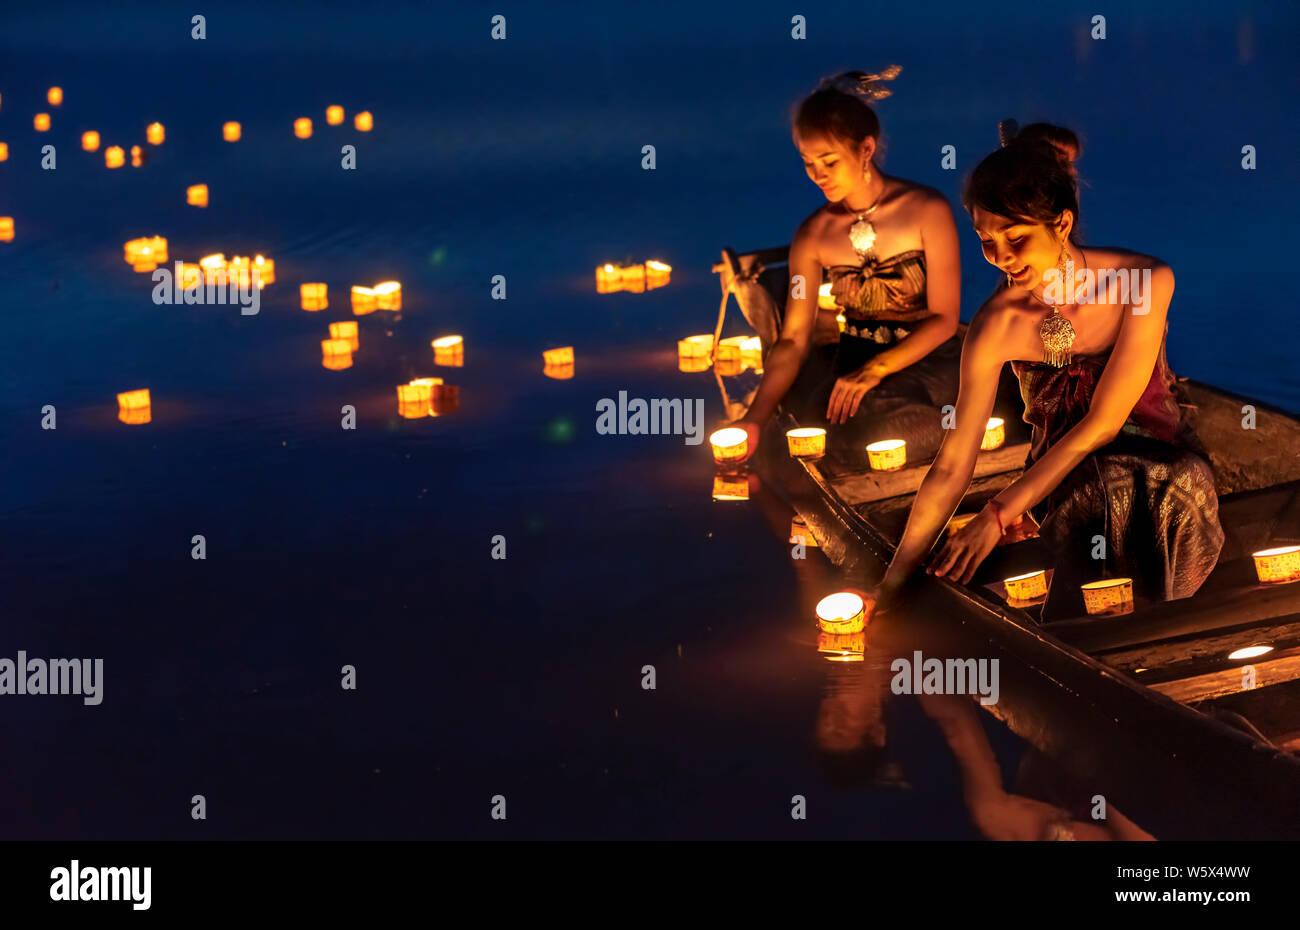 Giovani ragazze asiatiche lanterne galleggianti nel lago. Il festival può provenire da un antico rituale pregando rispetto all'acqua alcolici. Foto Stock